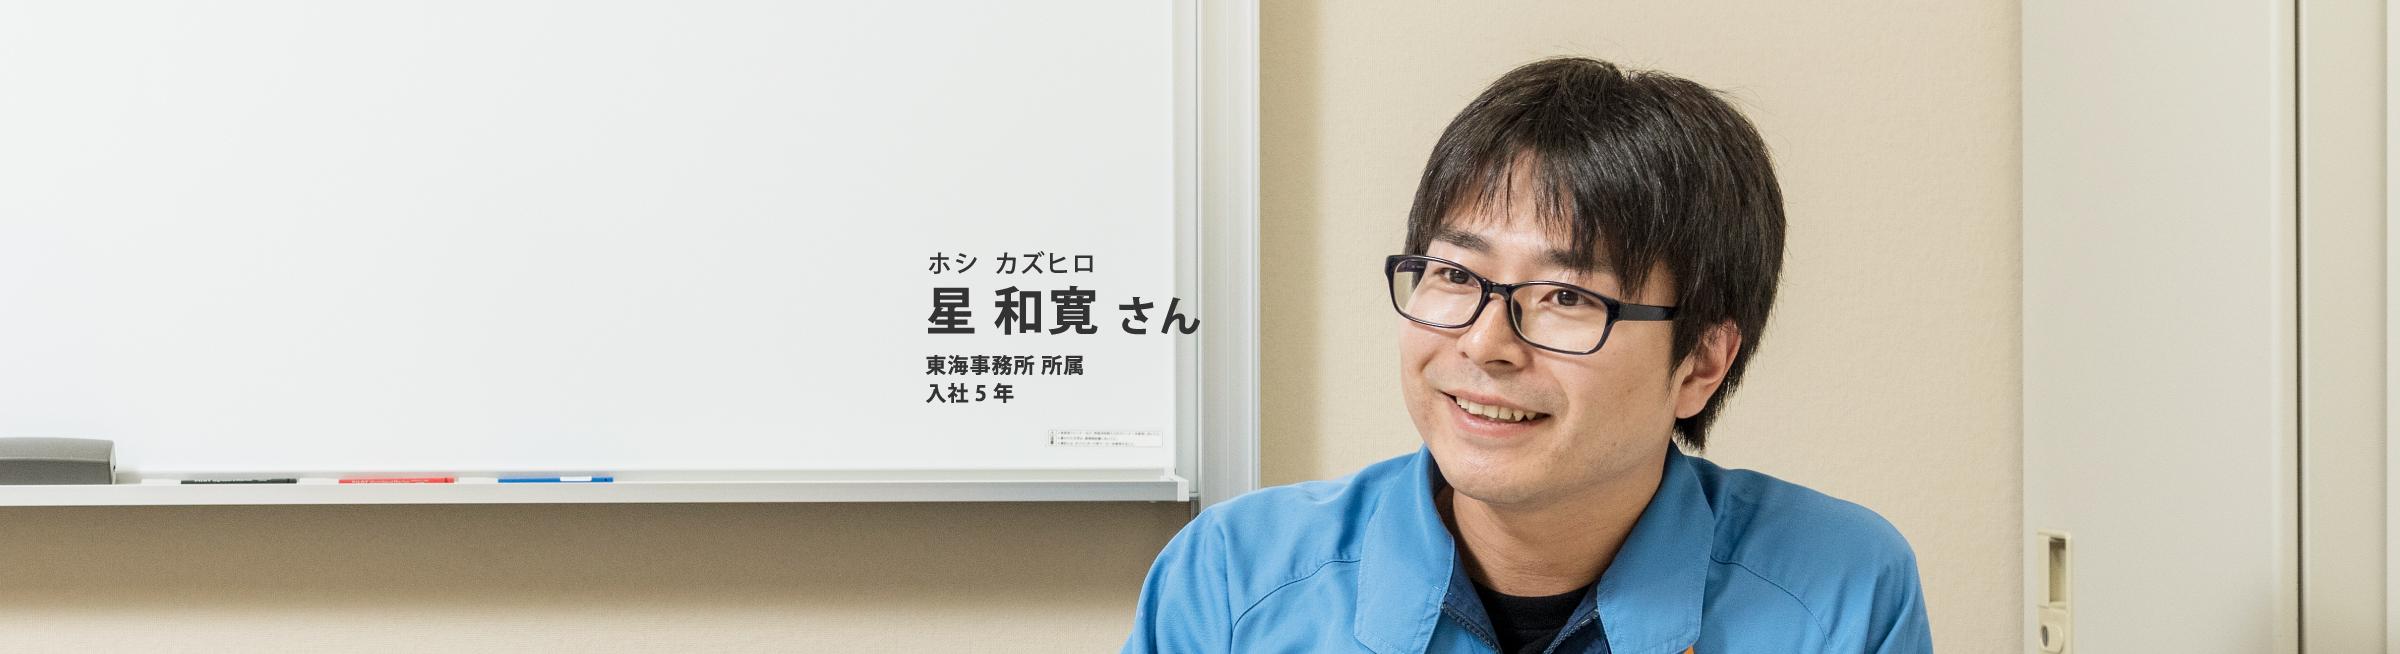 星和寛(東海事業所所属、入社5年)